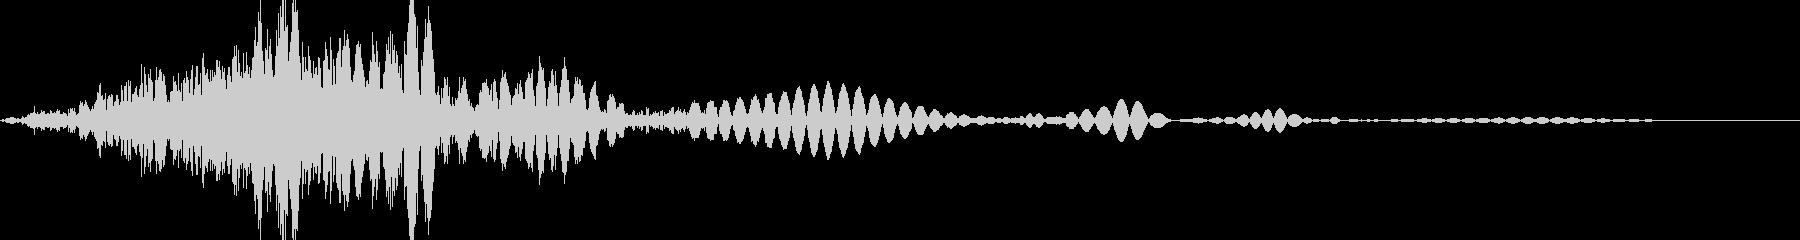 シャキーン!リアルな剣や刀の抜刀音30bの未再生の波形